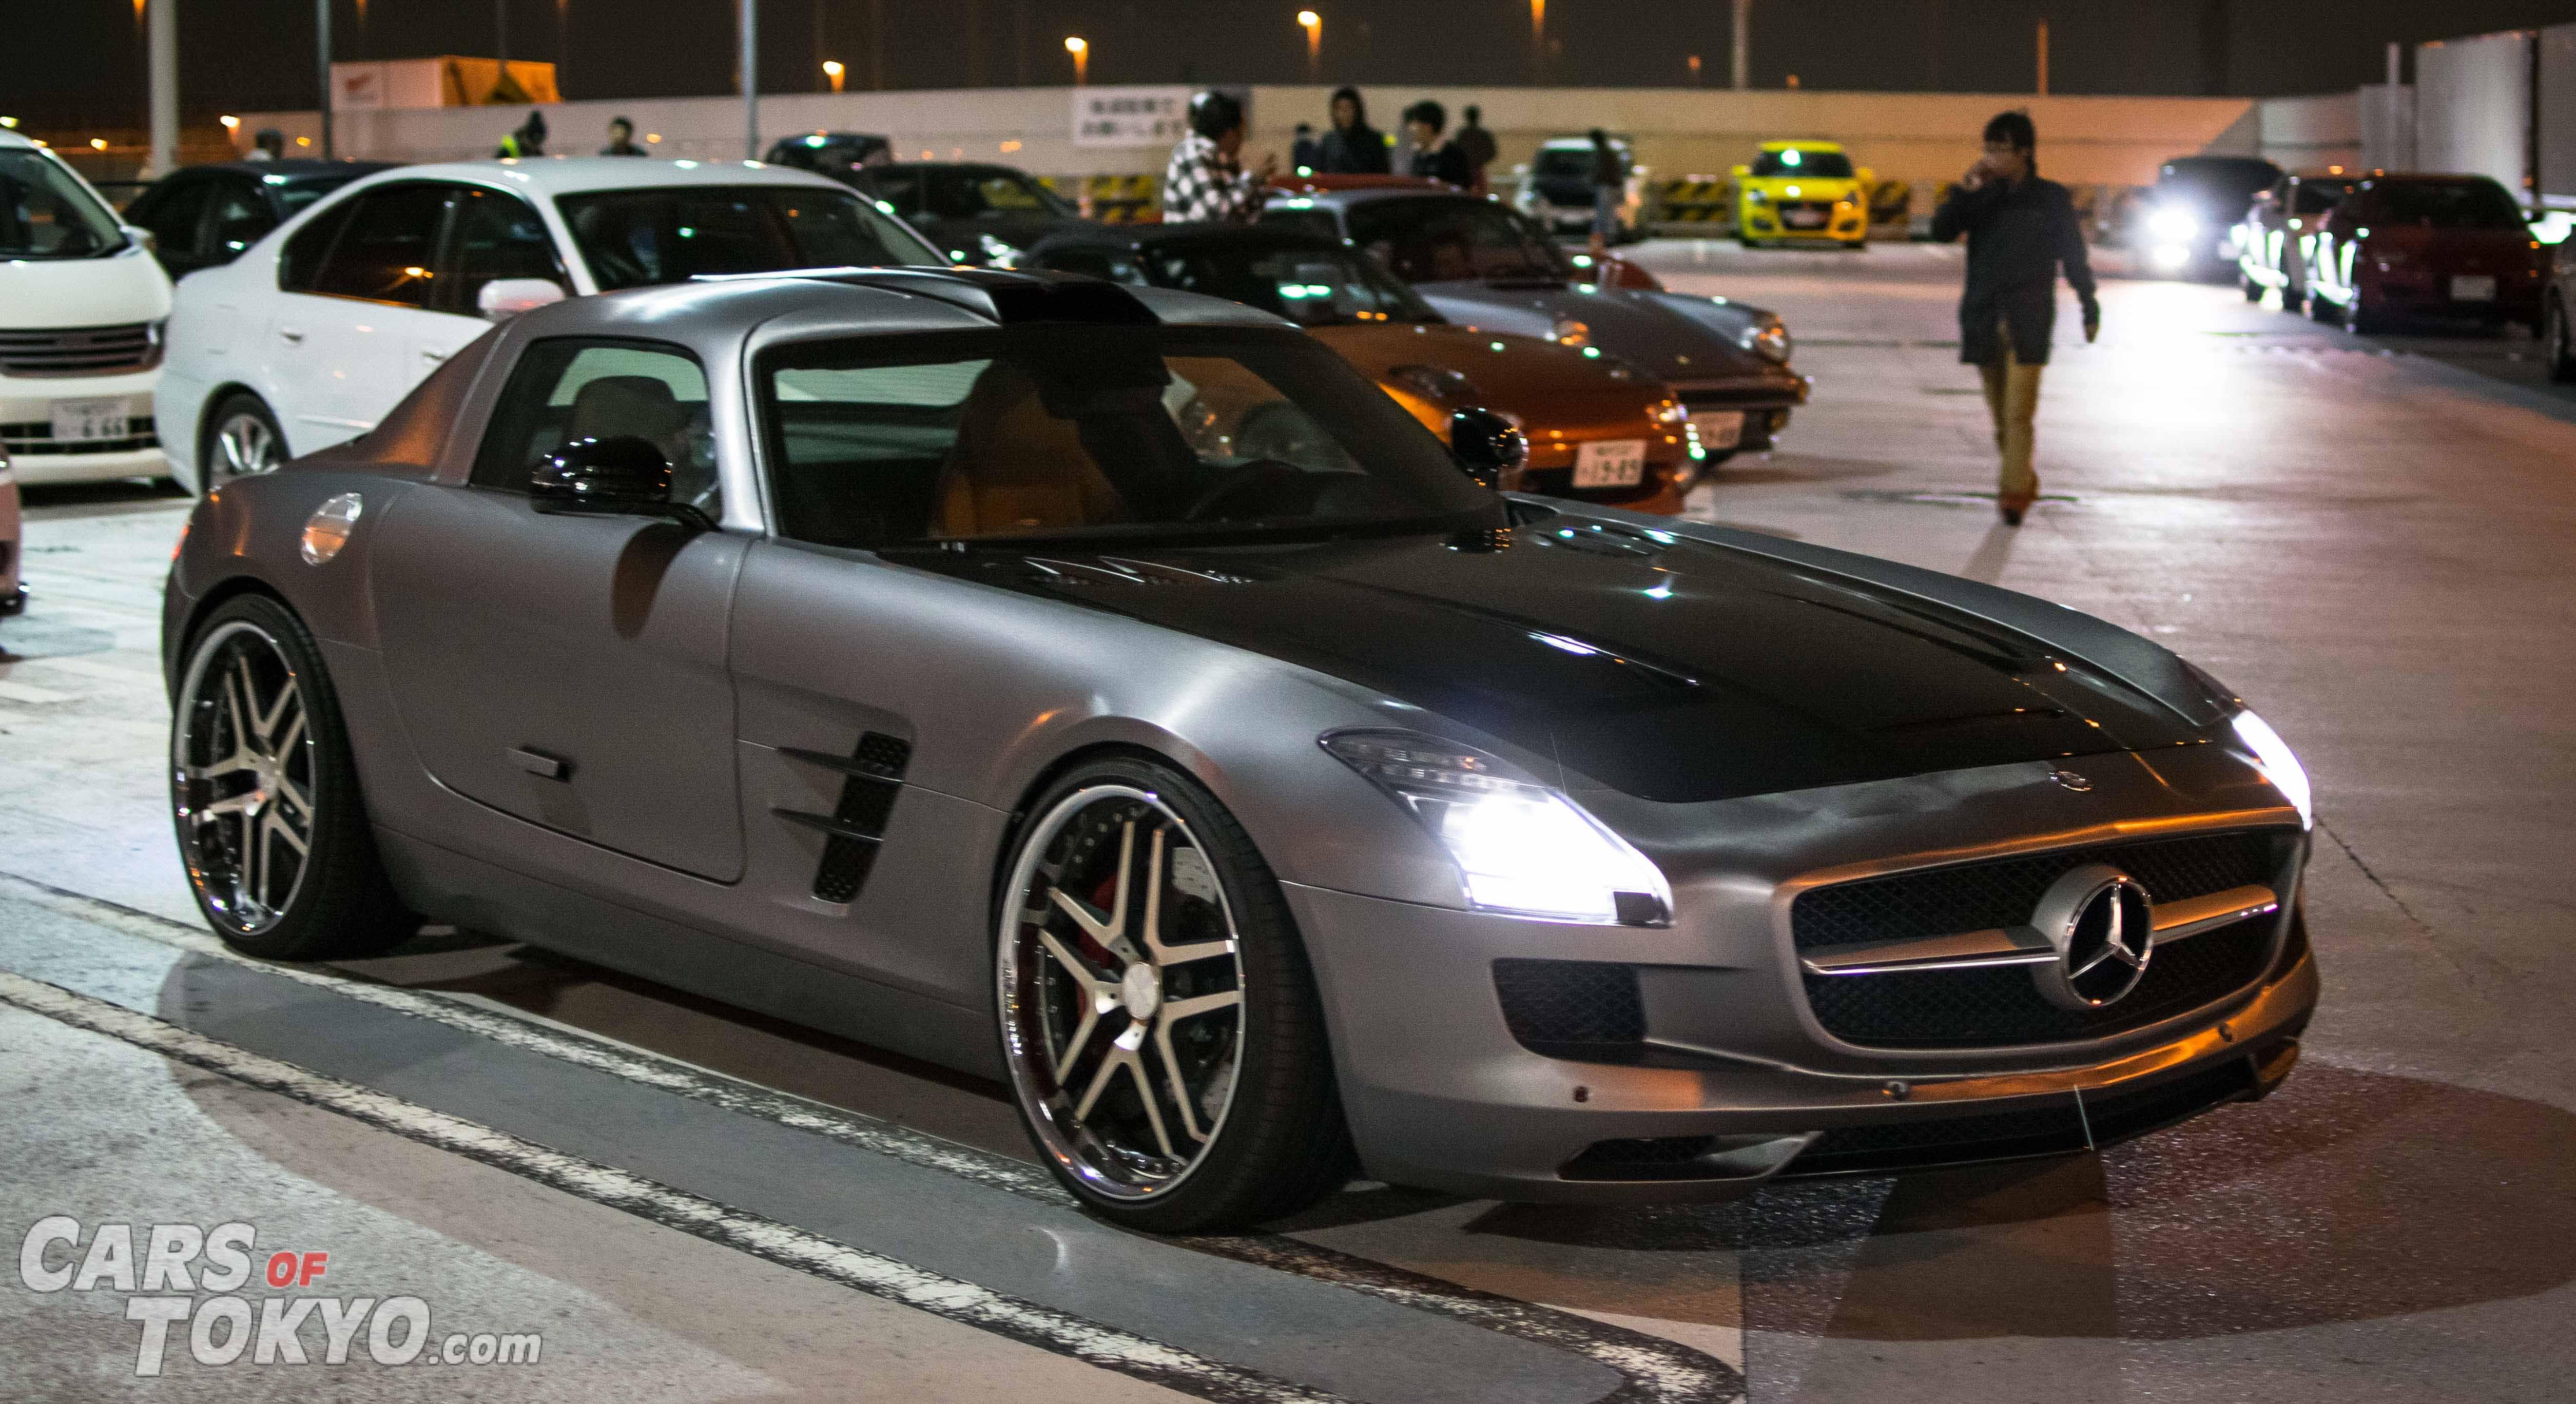 Cars of Tokyo Tatsumi Mercedes Benz SLS AMG